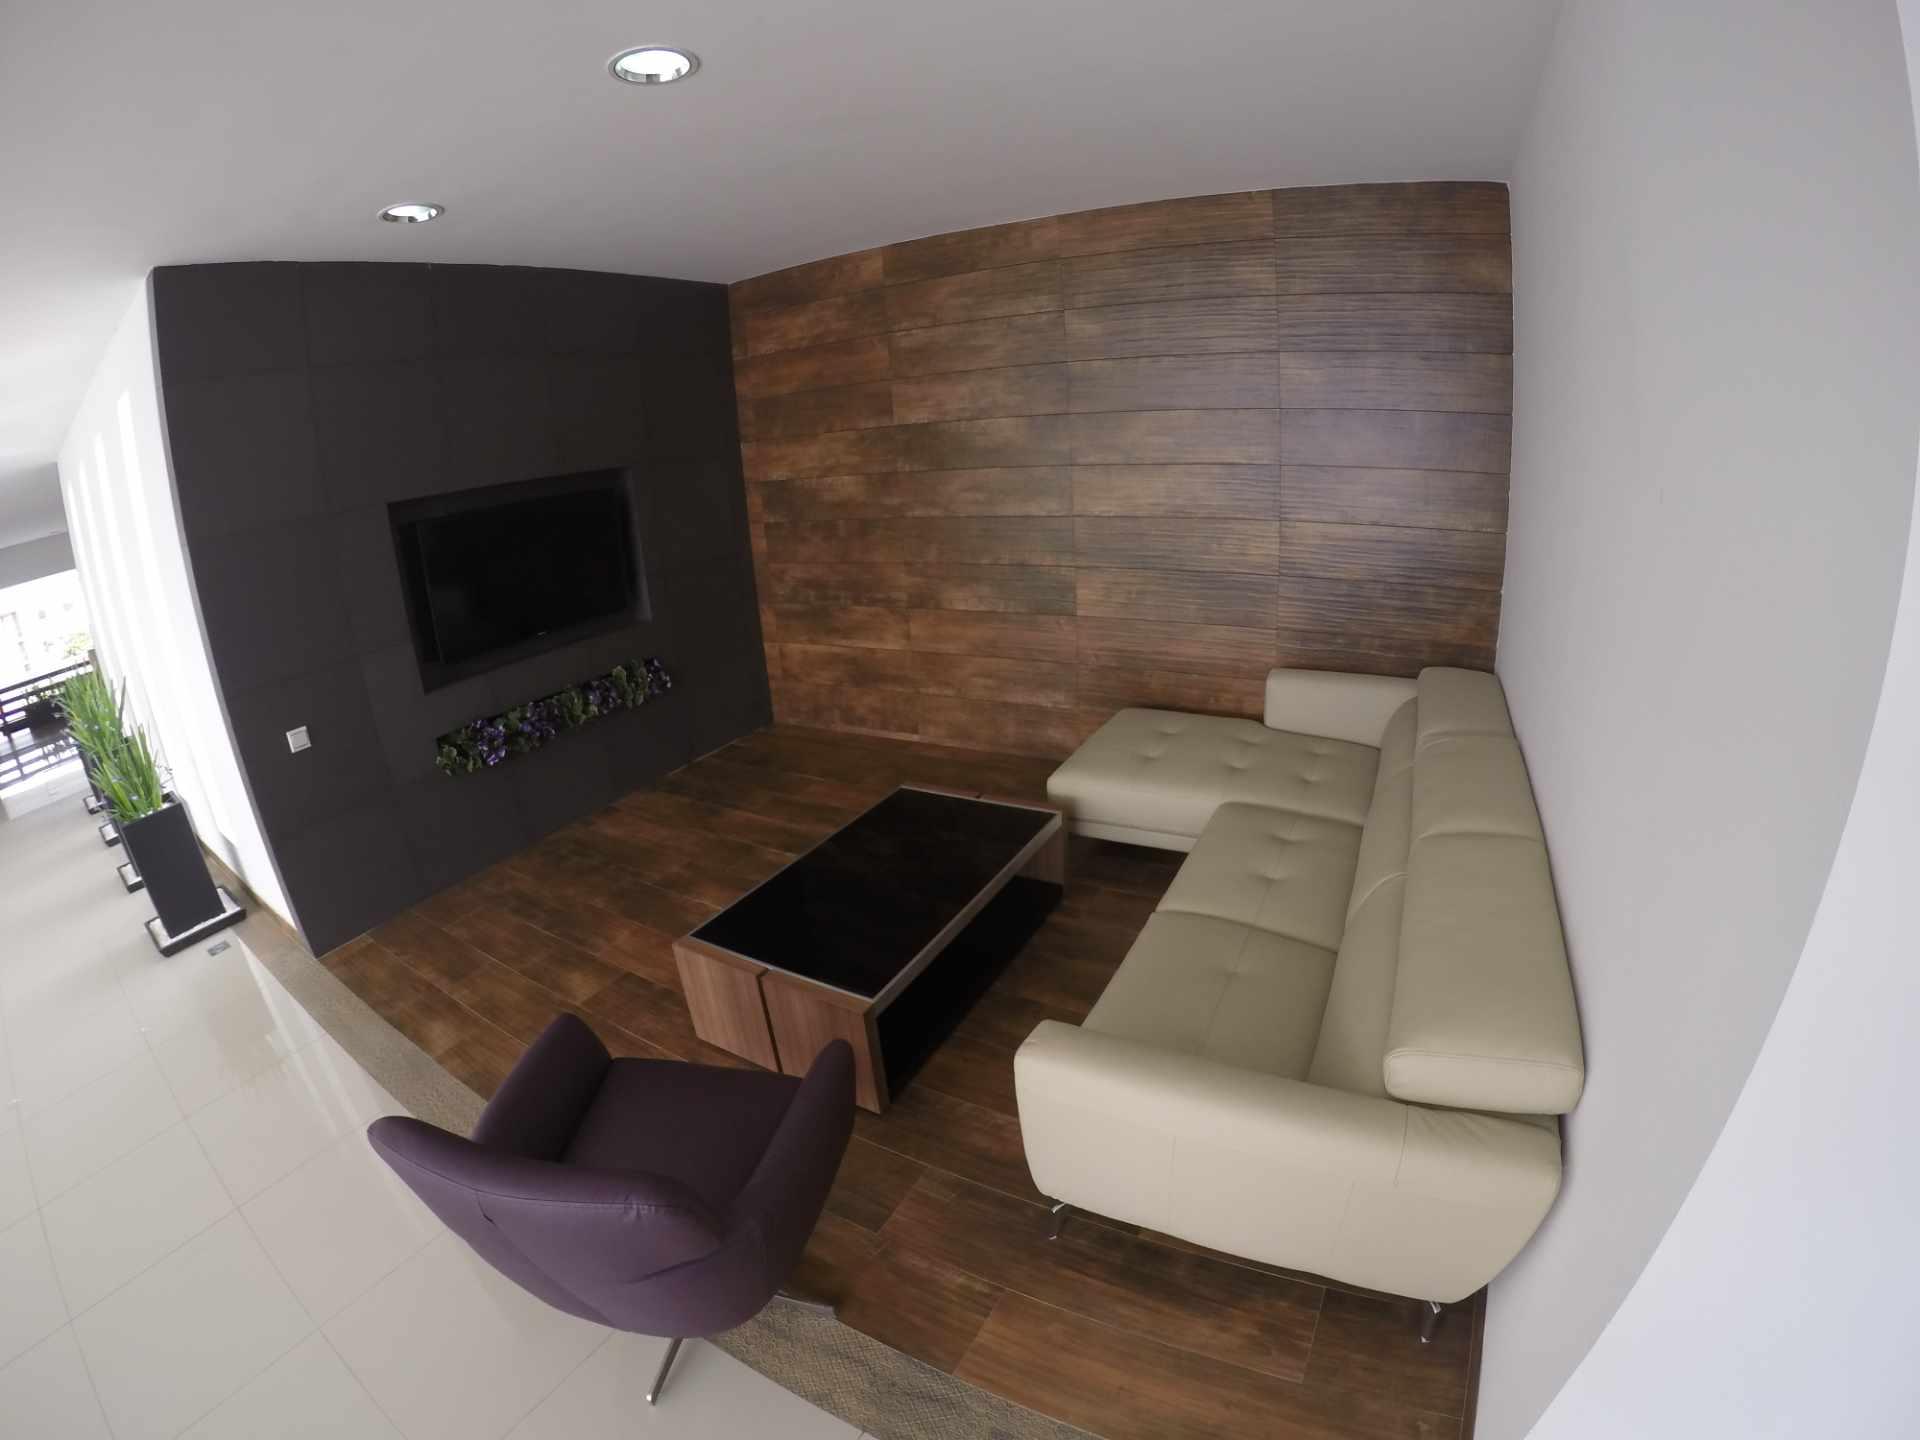 Departamento en Alquiler Condominio Onix [Equipetrol Norte], Departamento monoambiente full amoblado de lujo en alquiler, con parqueo techado. [620$us. Facturado, expensas incluidas + TV Cable + WiFi + Agua] Foto 3